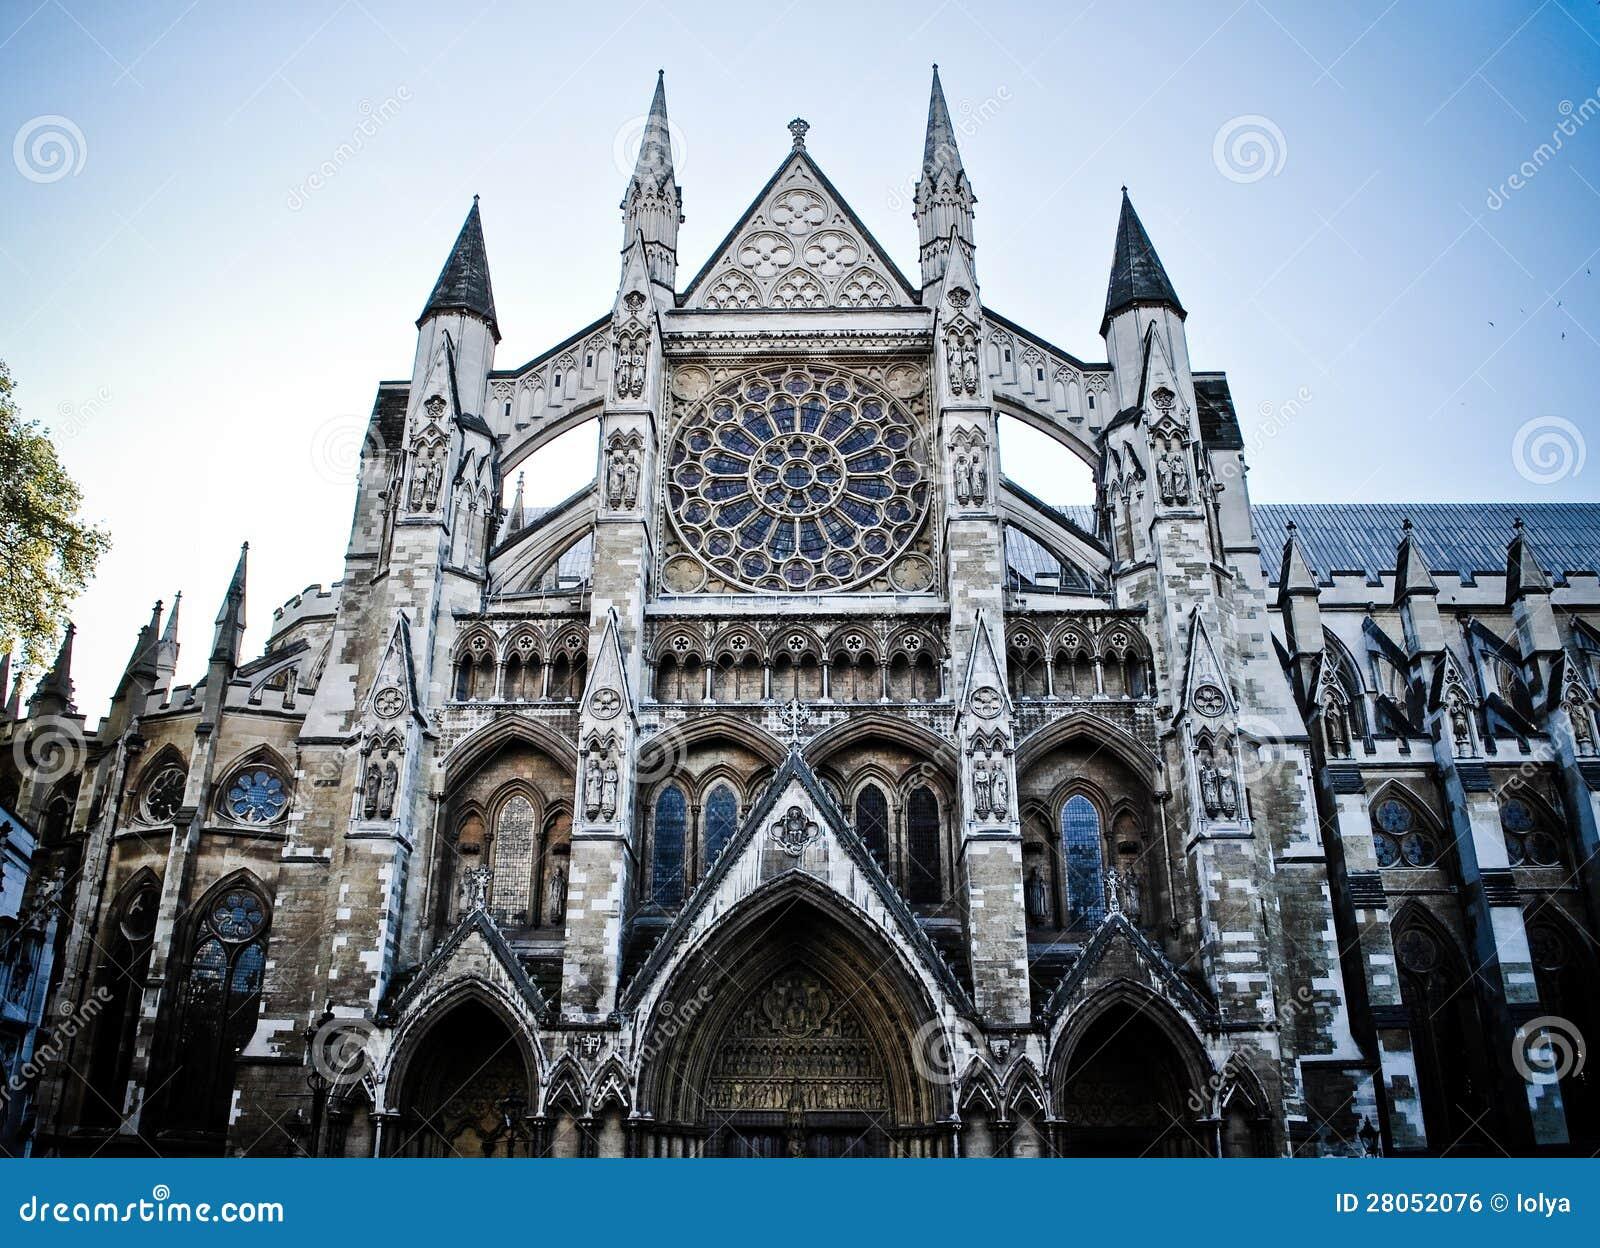 Μοναστήρι του Westminster